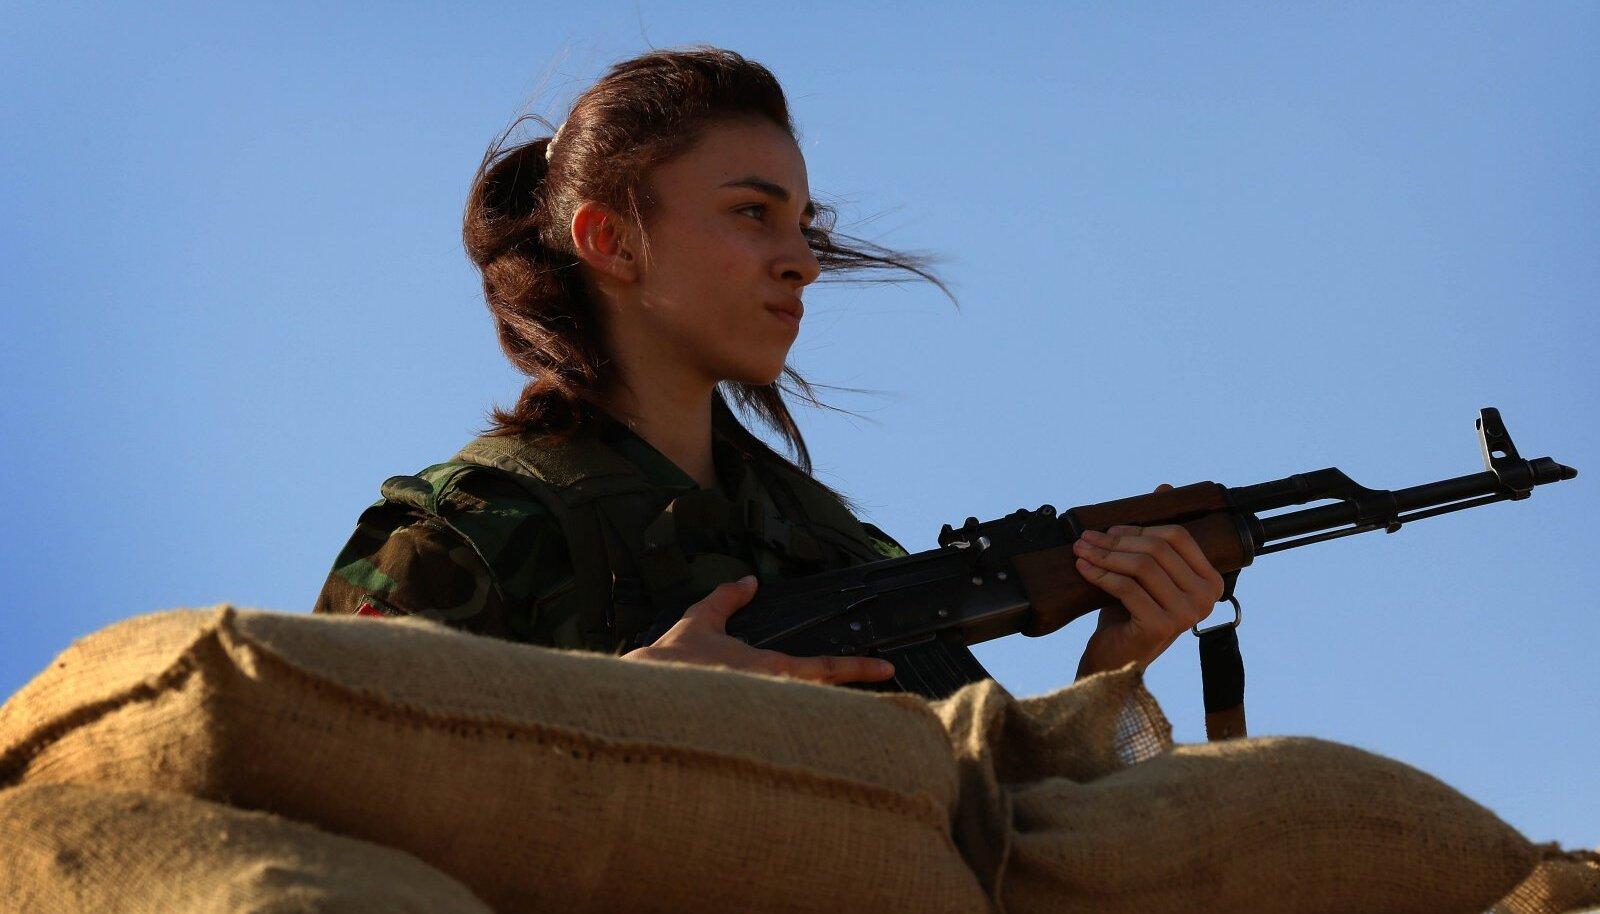 Iraani Kurdistani Vabaduspartei võitlejate seas on ka palju naisi.